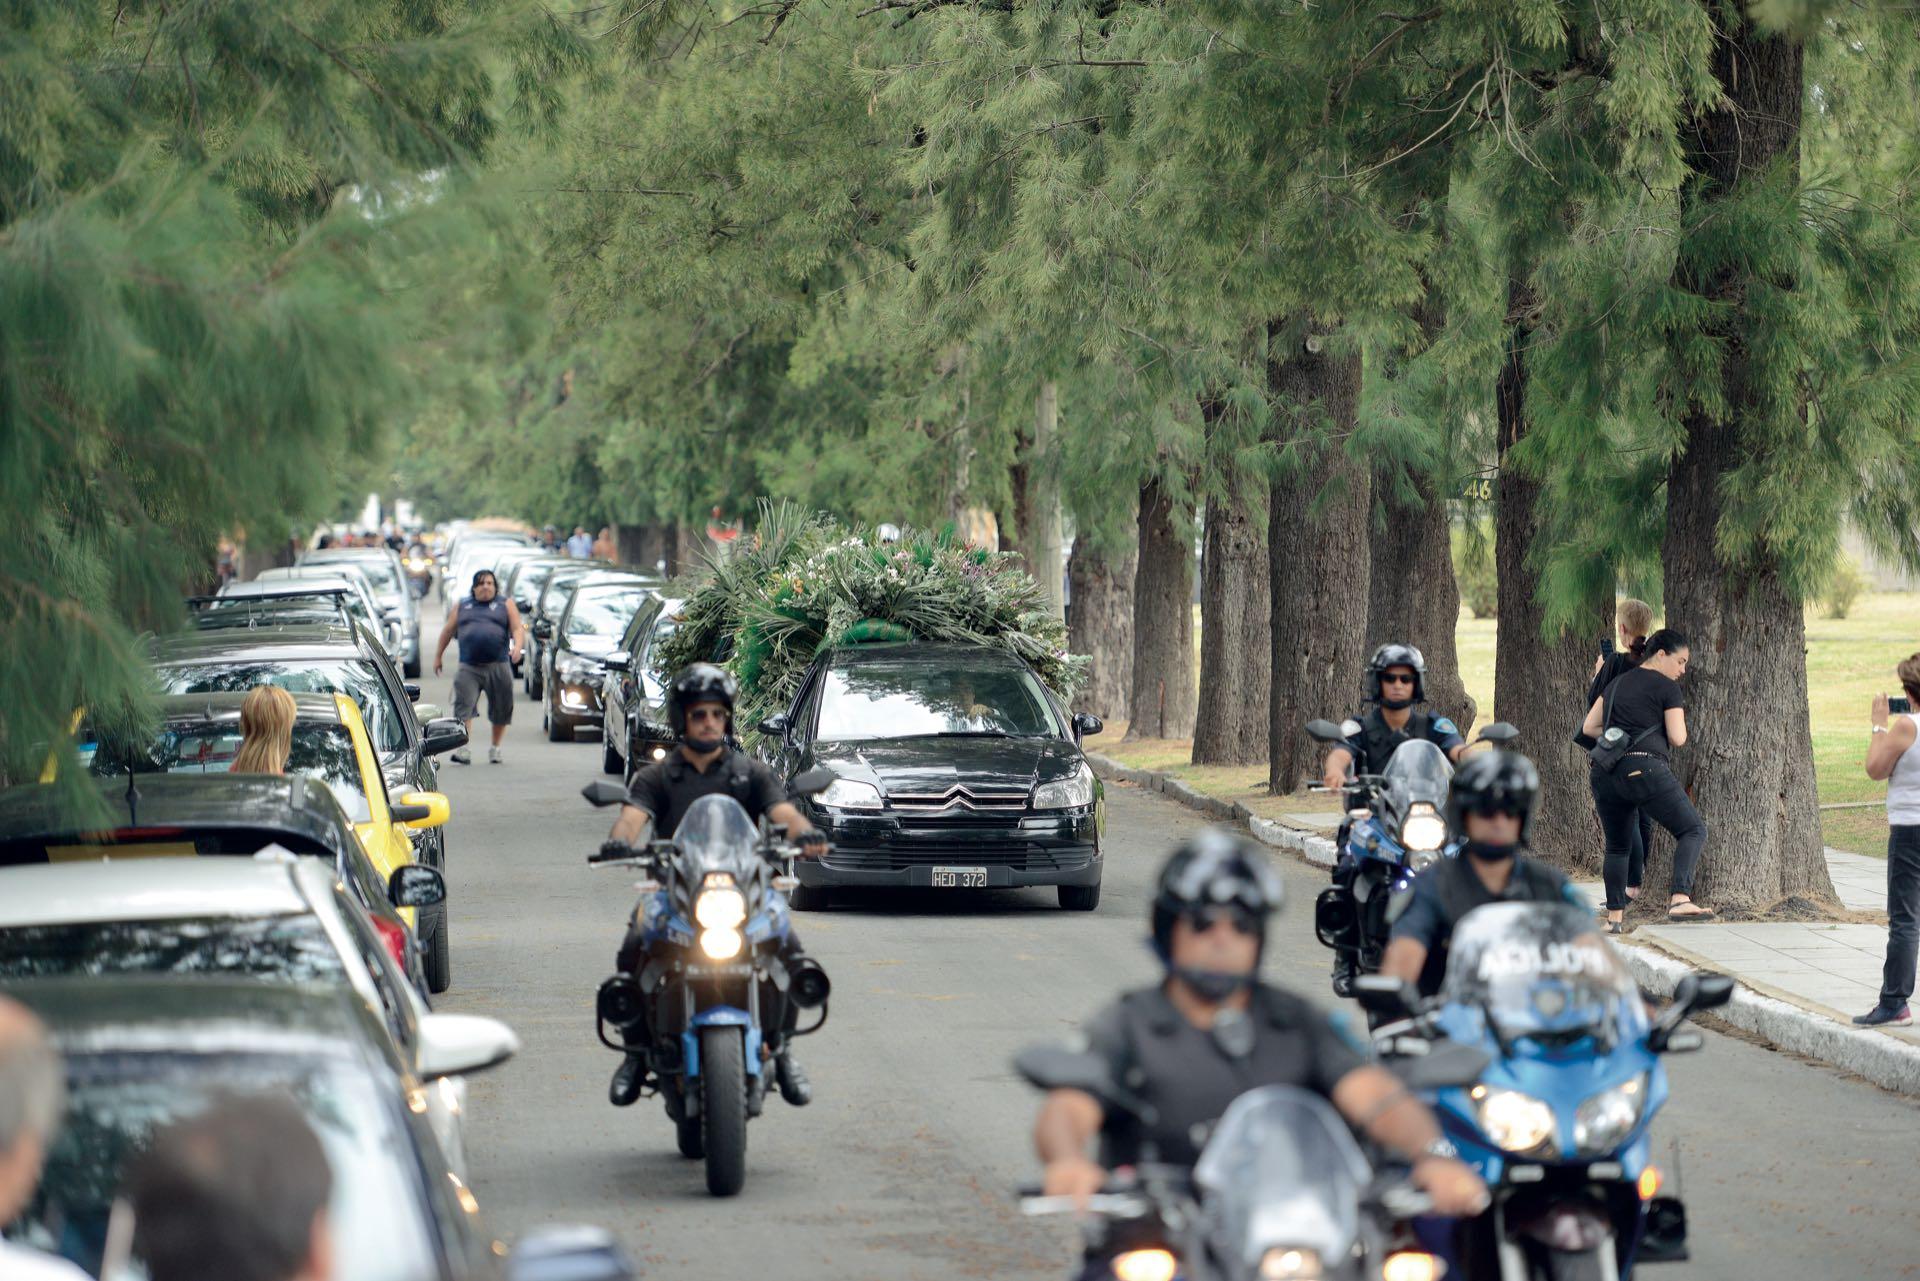 El cortejo llegando al panteón del Centro Asturiano, en Chacarita (Fotos: Enrique García Medina y Maxi Vernazza/GENTE)